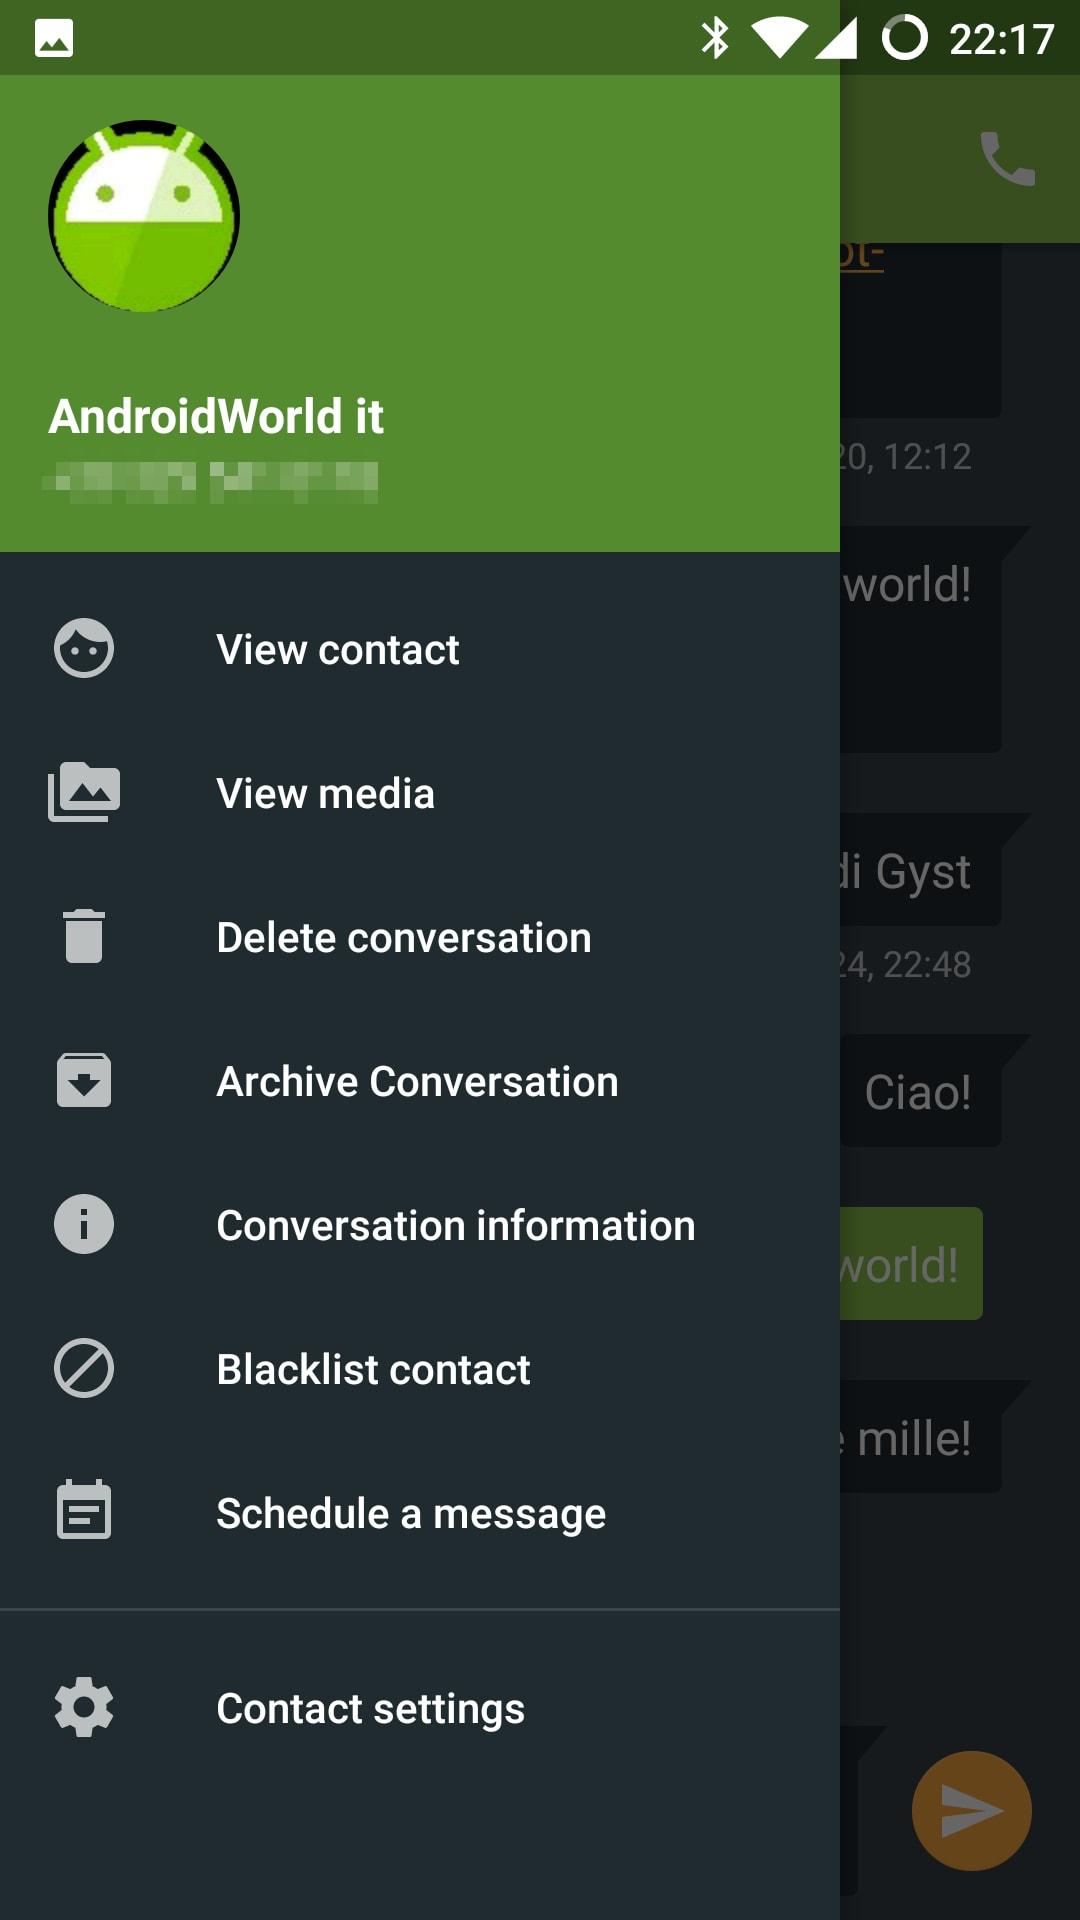 Sincronizzate Gli Sms Fra Vari Dispositivi Con Messenger